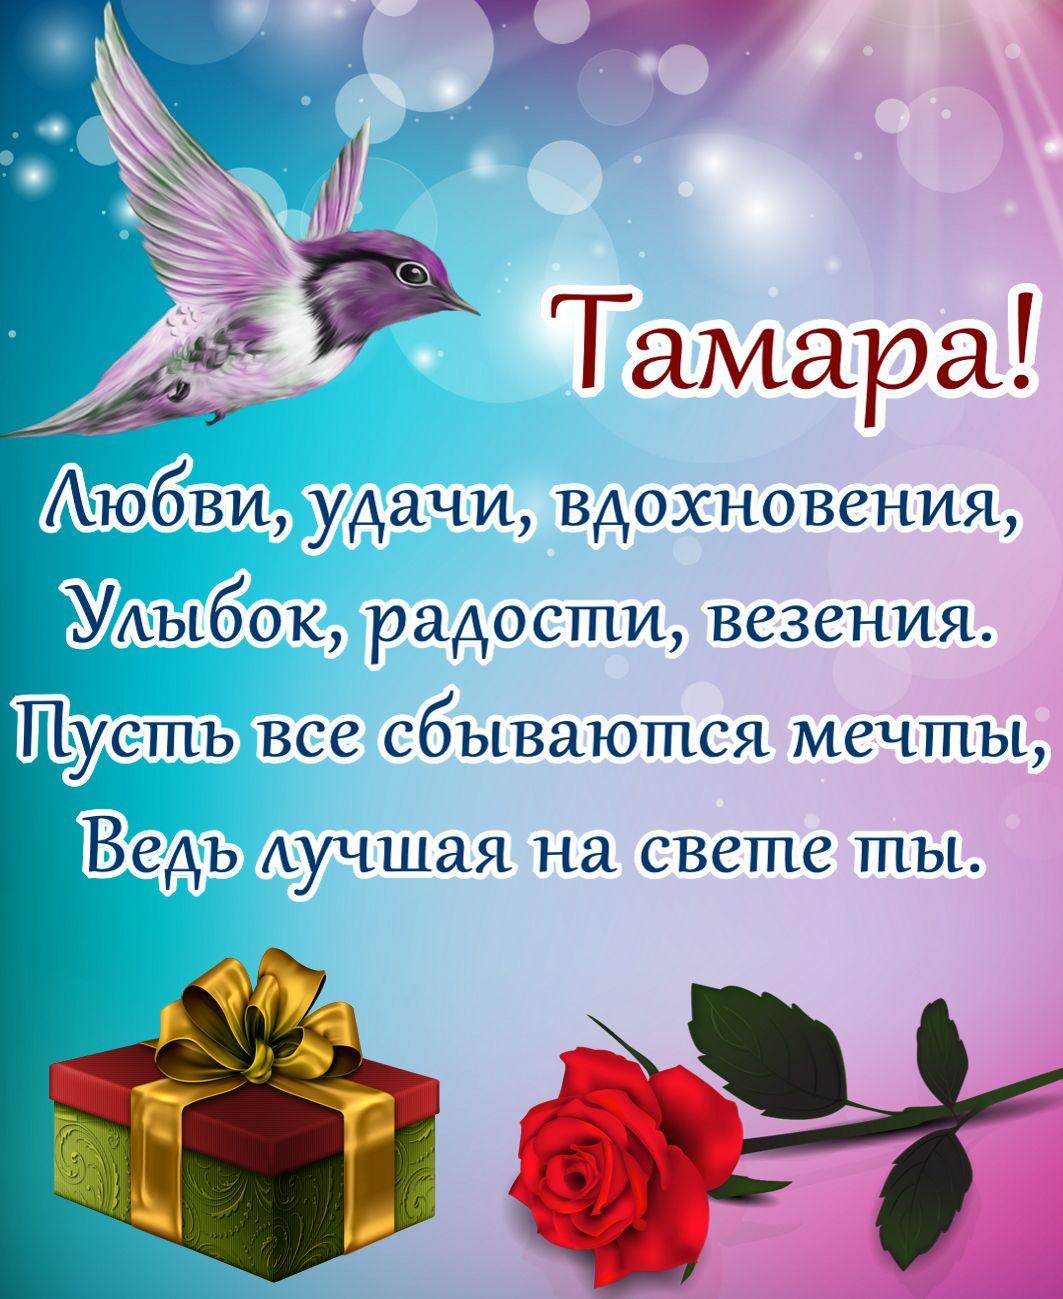 Подарок и пожелание Тамаре на День рождения